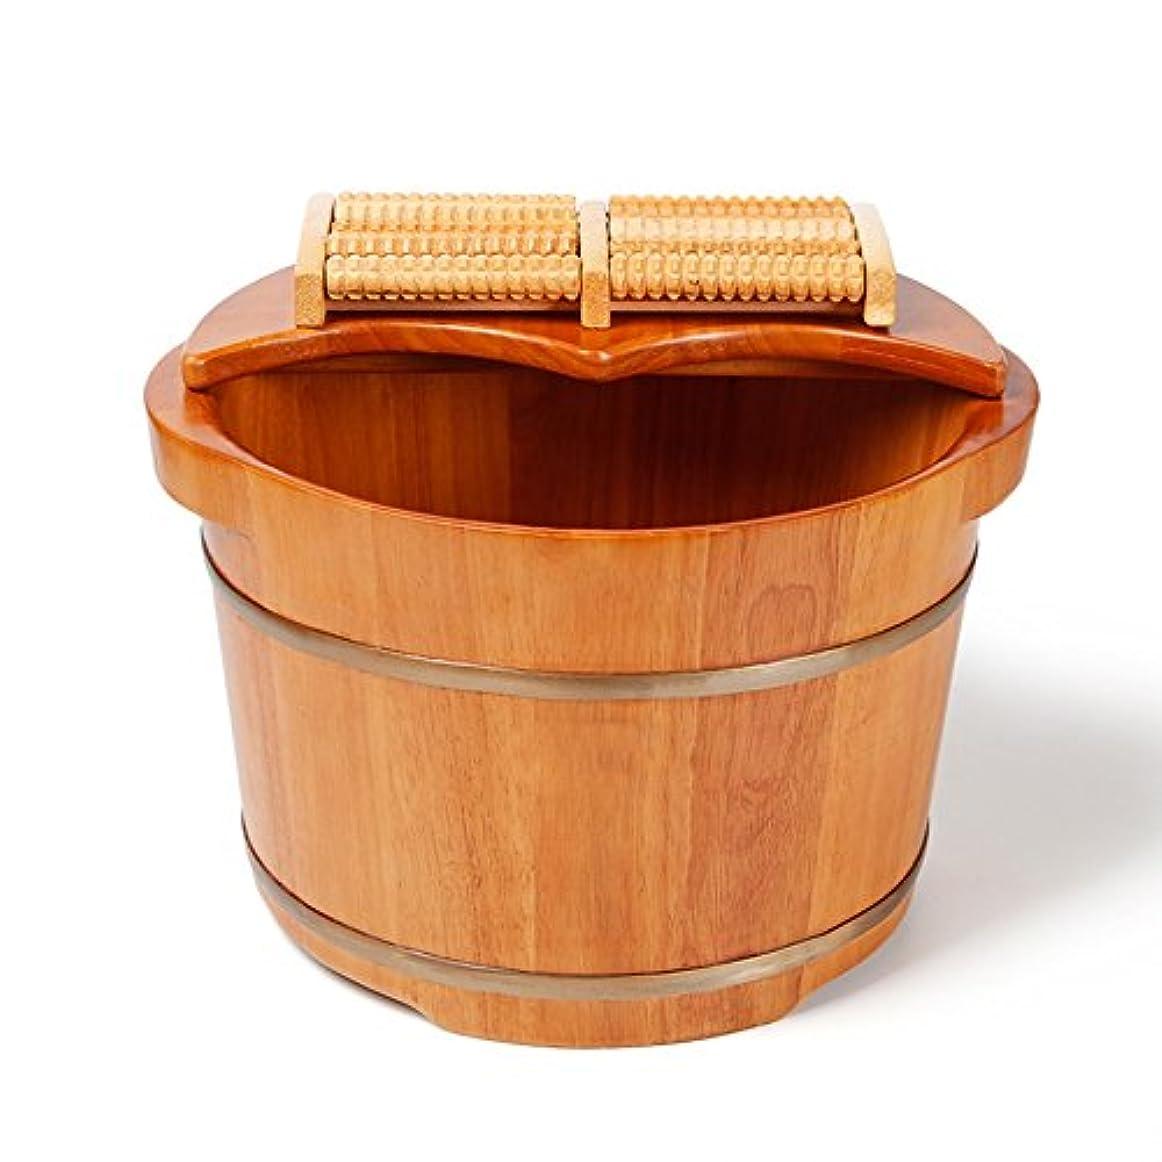 鬼ごっこ倉庫バスタブC&L 足の浴槽、木製の足の洗面器足のバレルの足のマッサージの足の洗面器カバーの足の浴槽38 * 31 * 26cm ( サイズ さいず : 38*31*26cm )